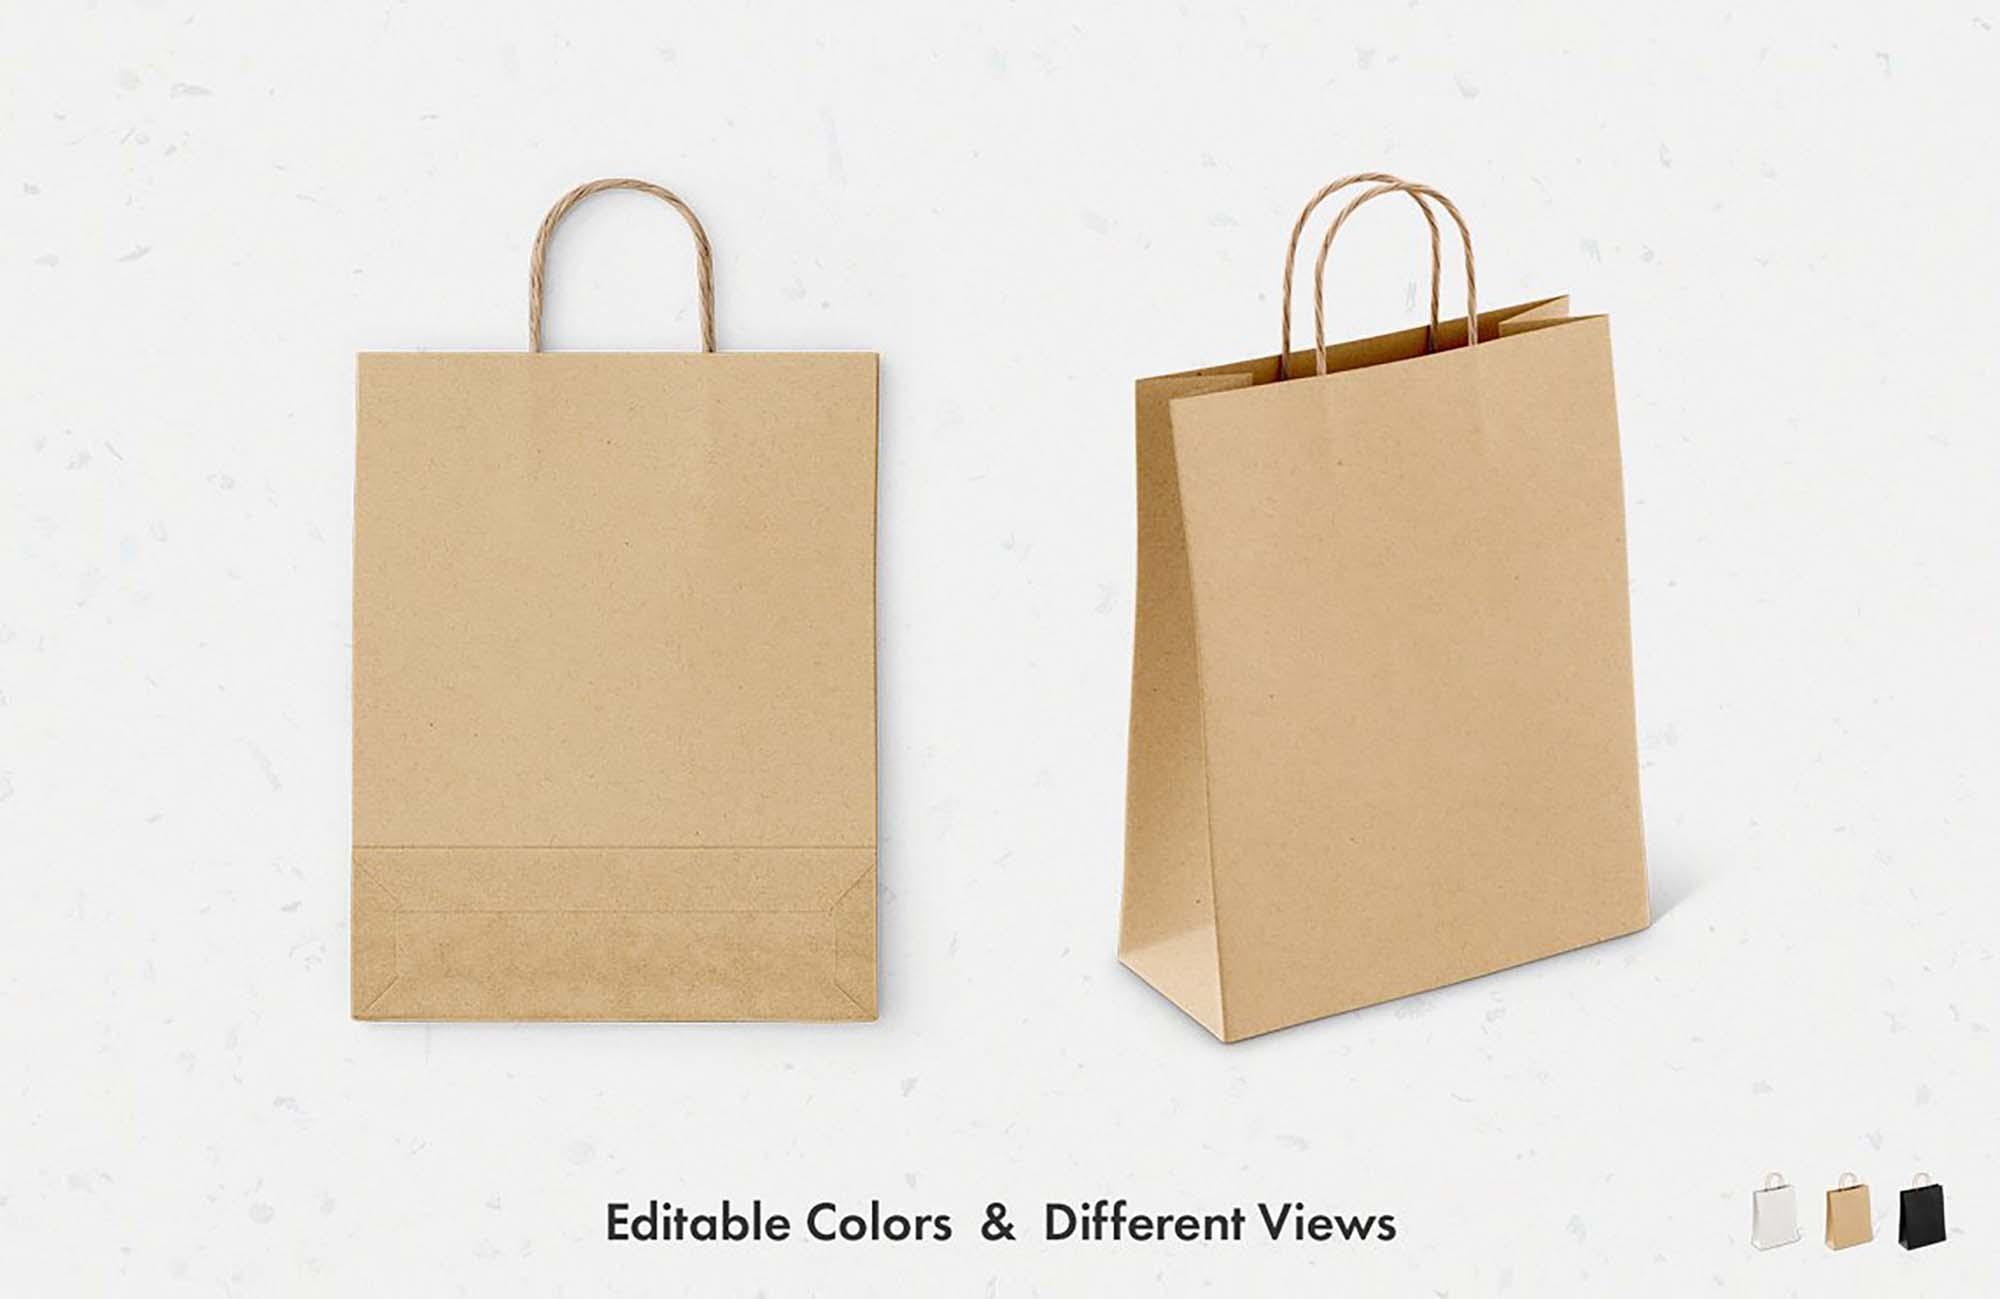 Paper Bag Mockup 2